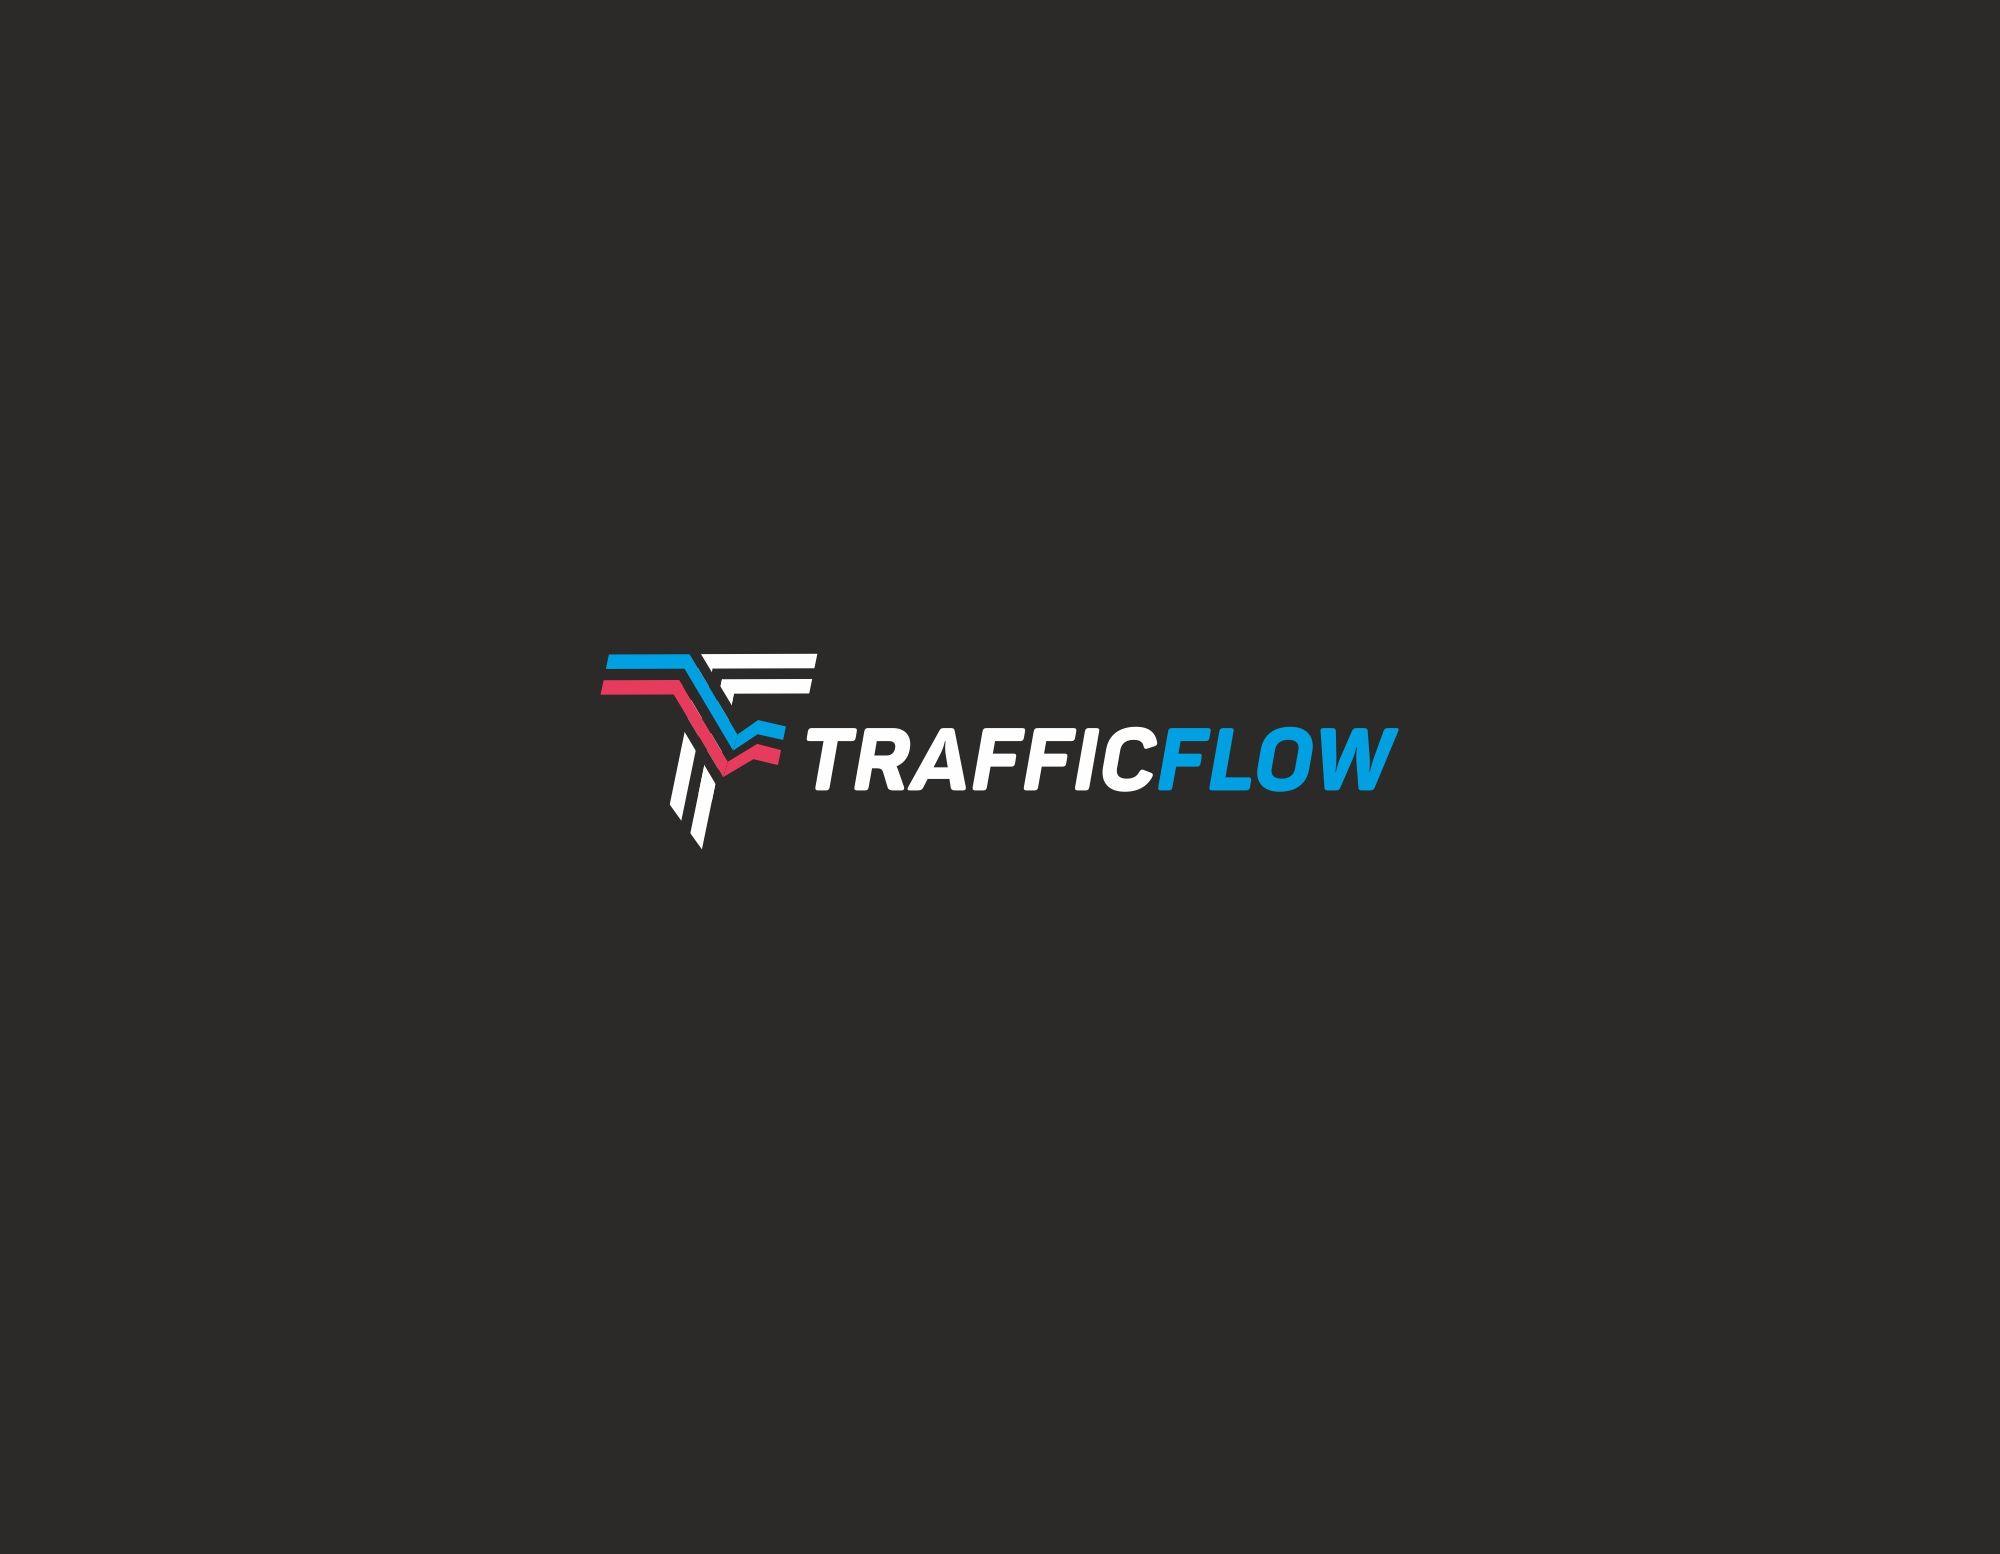 Лого и фирменный стиль для Traffic Flow - дизайнер luishamilton